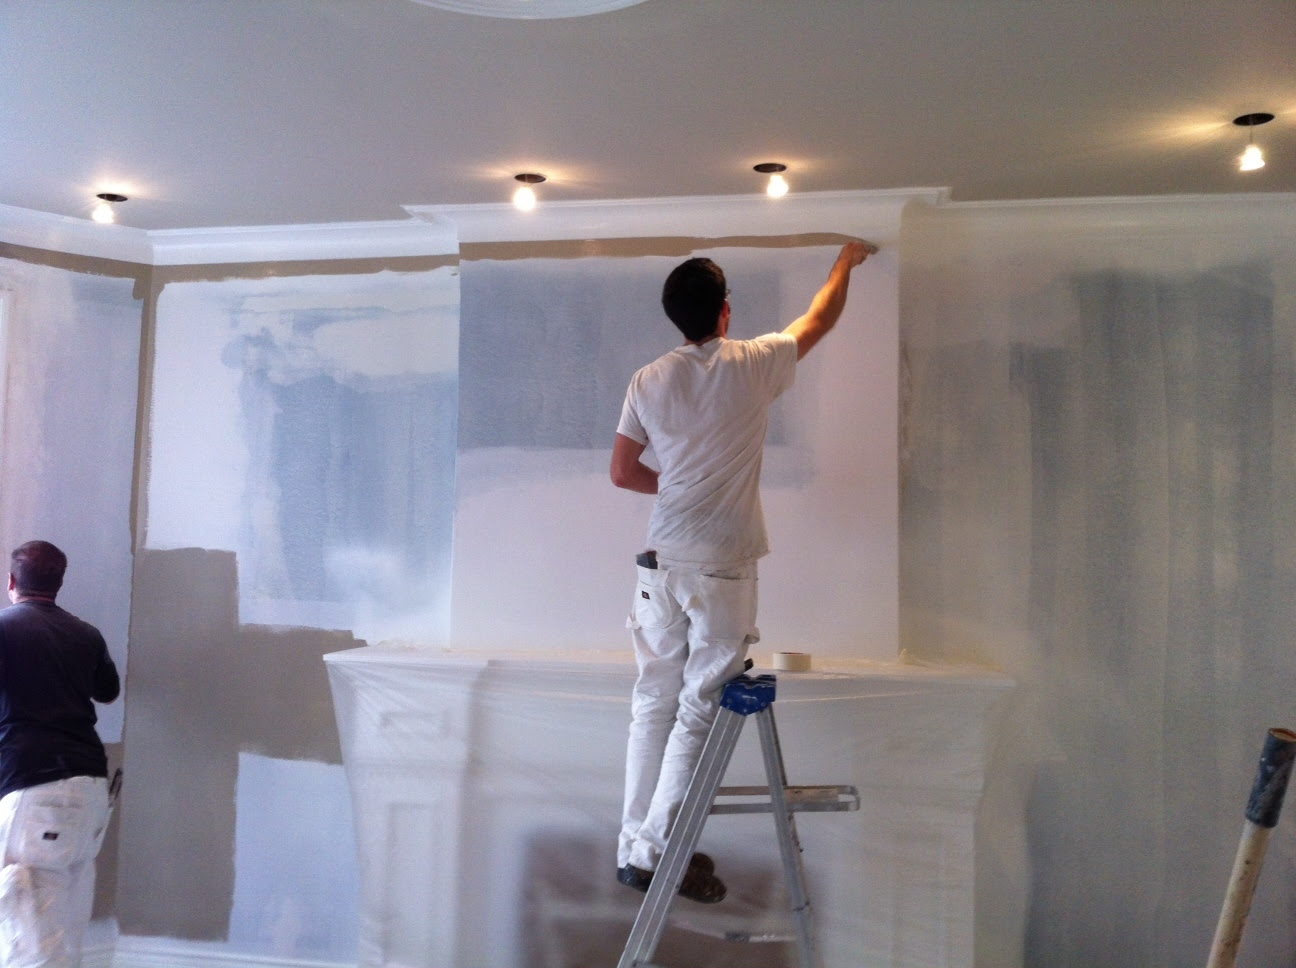 Quelles Sont Les Différences Entre La Peinture Au Latex Et La